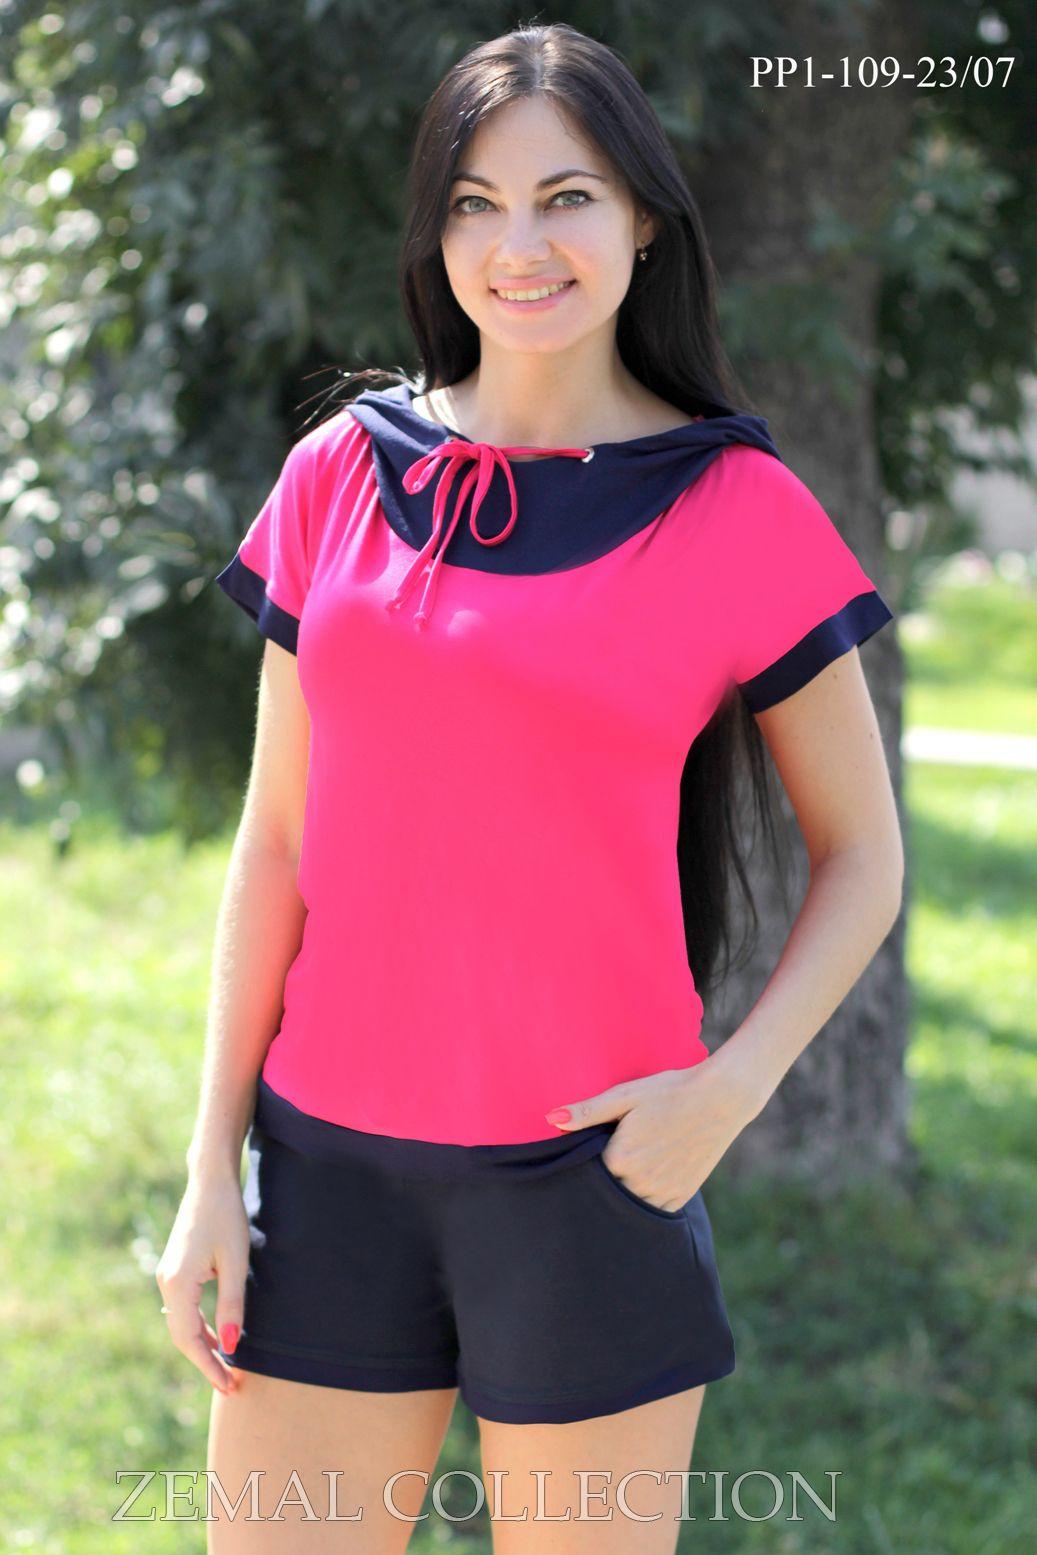 Сп. костюм PP1-109